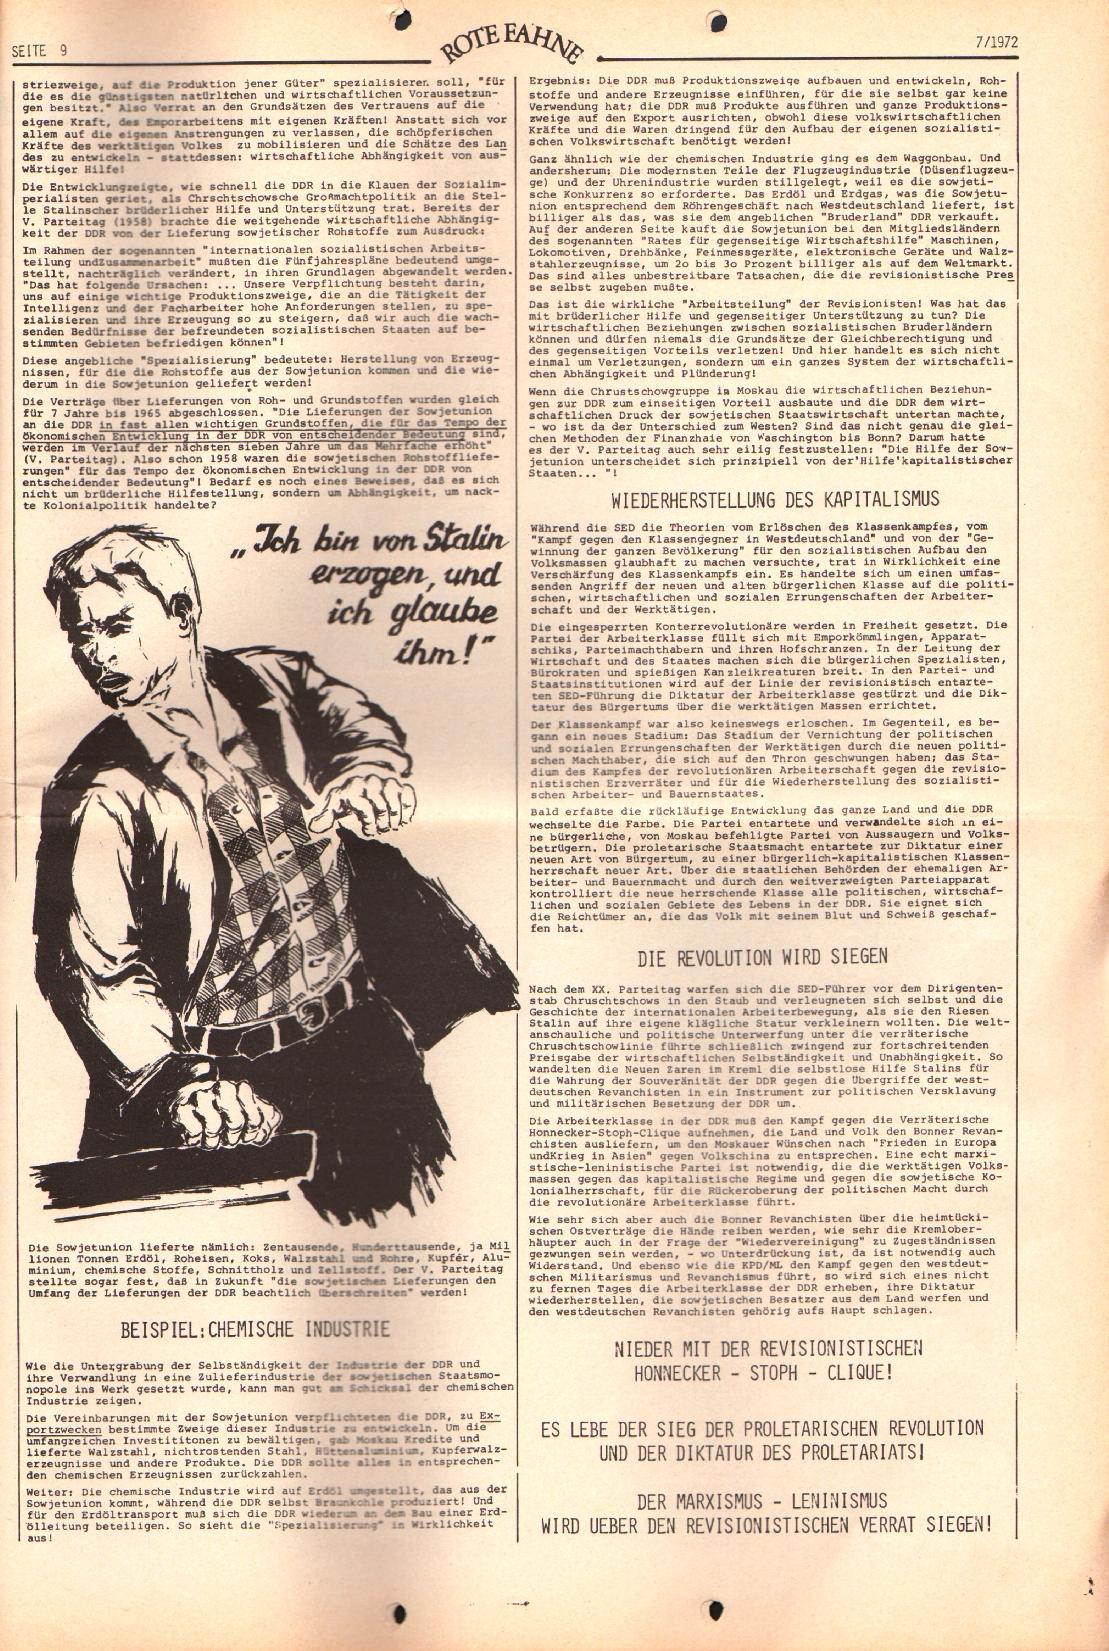 Rote Fahne, 3. Jg., 3.4.1972, Nr. 7, Seite 9